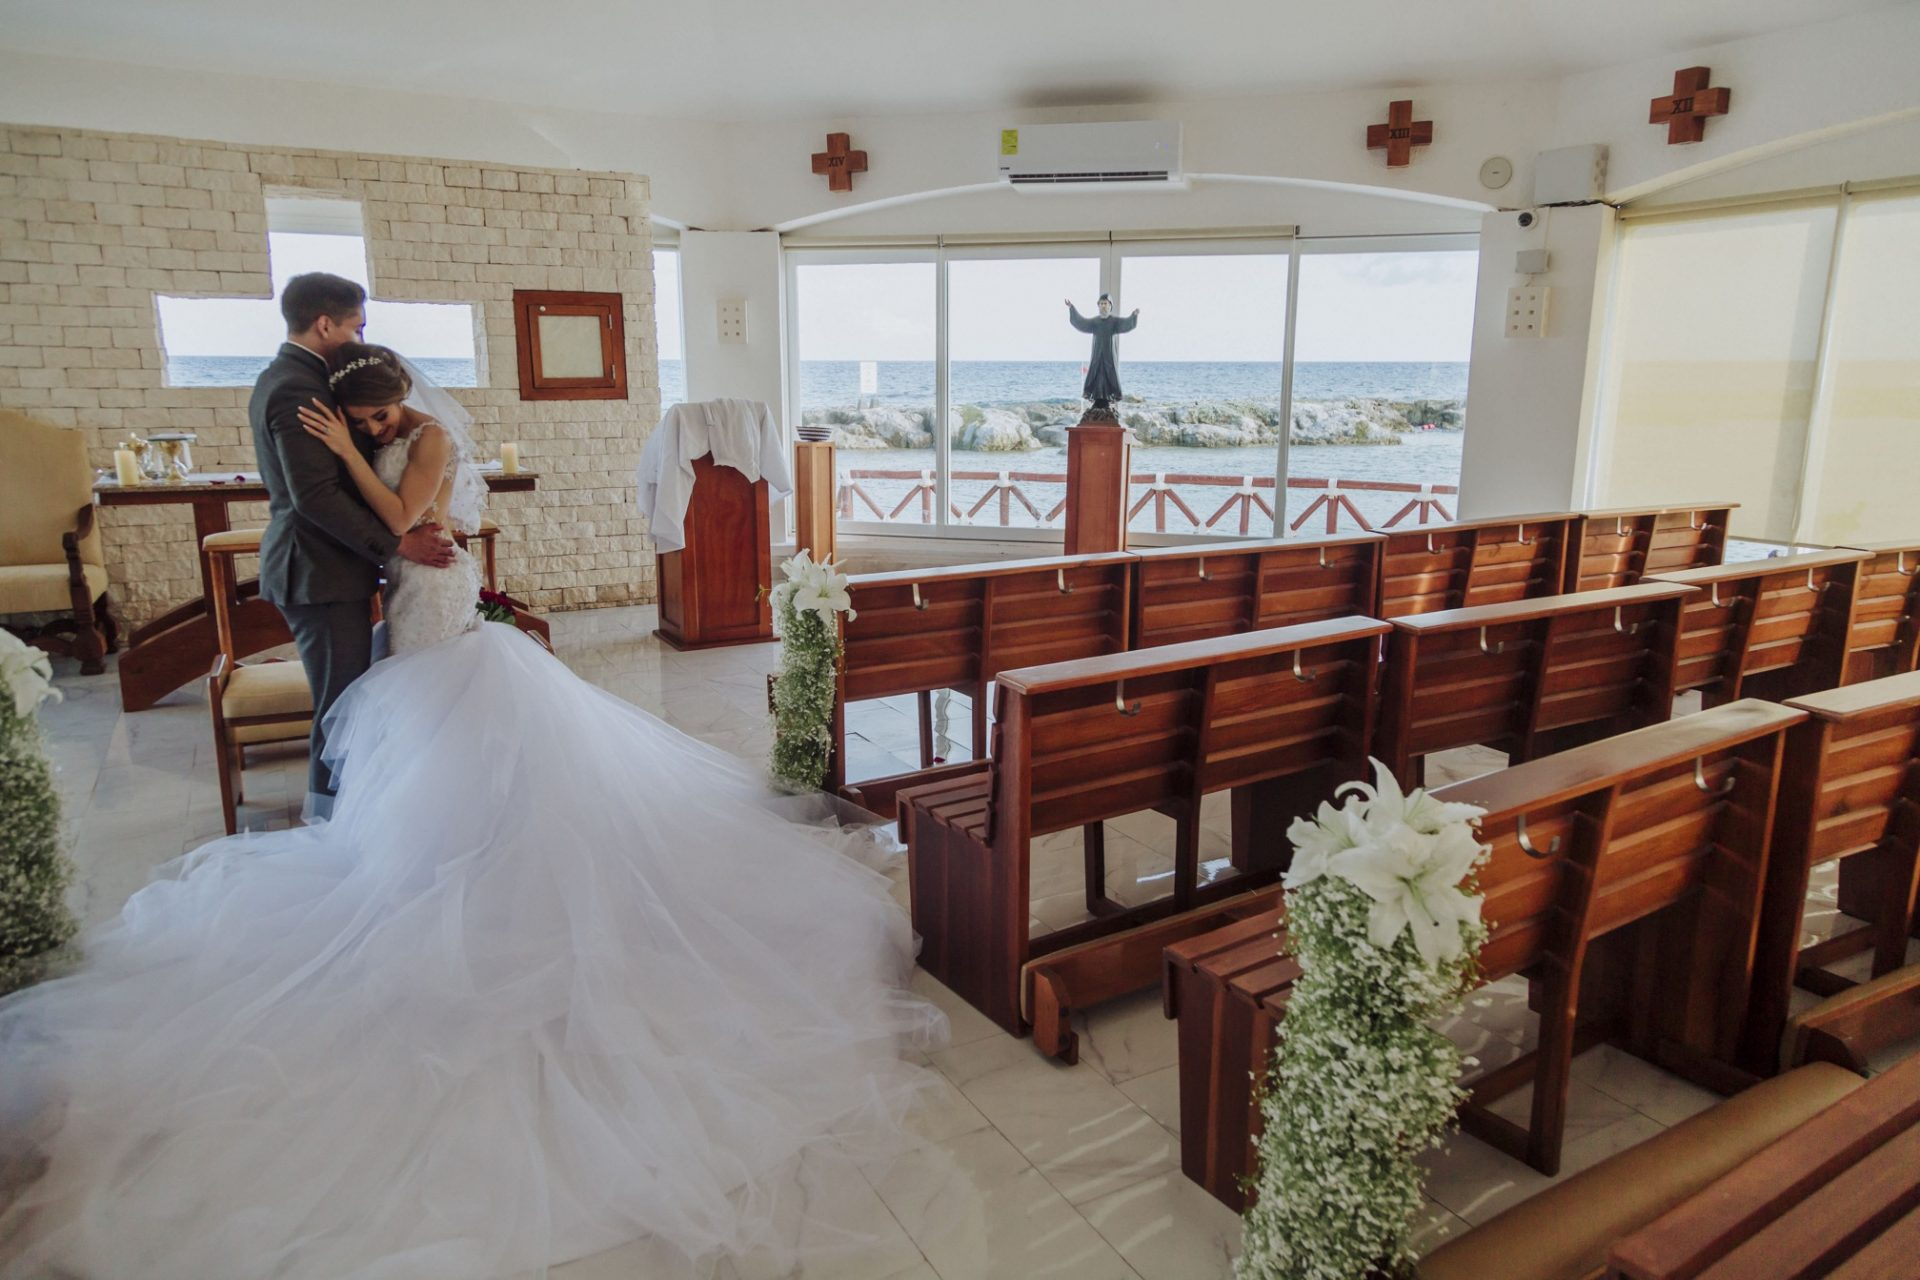 fotografo_bodas_profesional_zacatecas_riviera_maya_cancun-248